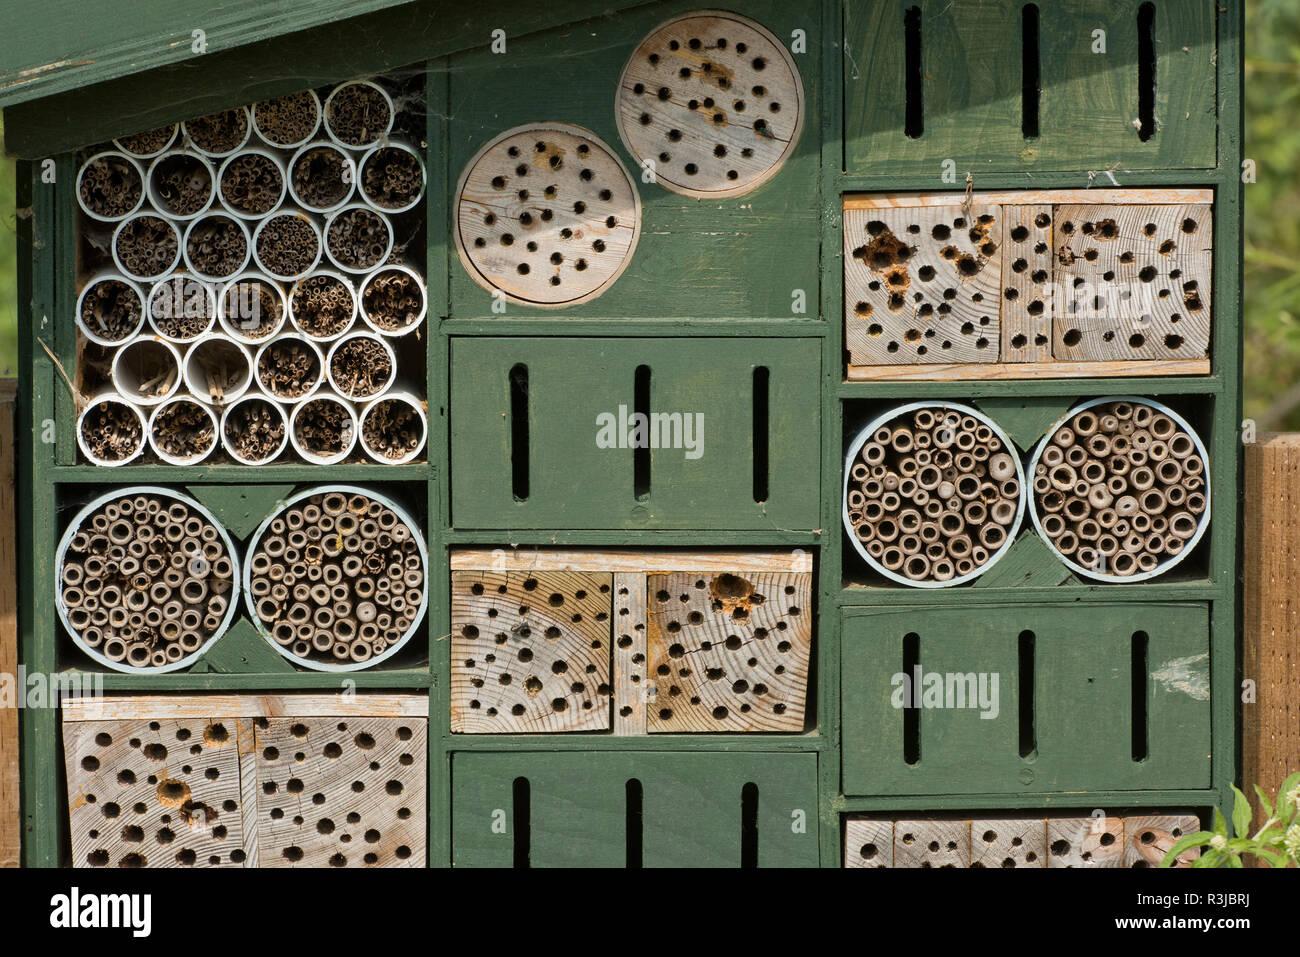 Insekten und Wirbellose Haus oder Bug Hotel mit verschiedenen Zuflucht Optionen zum Ausblenden von Über- oder Winterlager, WWT, West Sussex Stockbild